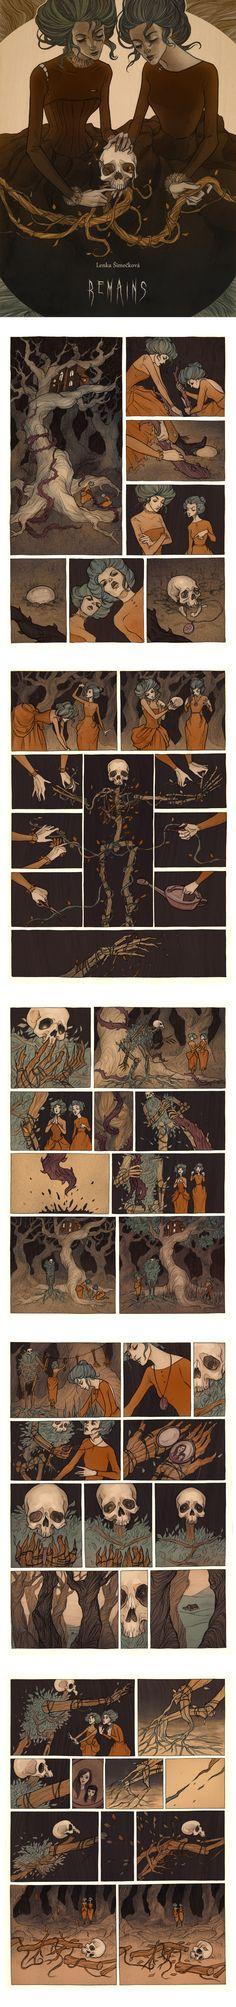 Remains by MadLittleClown.deviantart.com on @DeviantArt